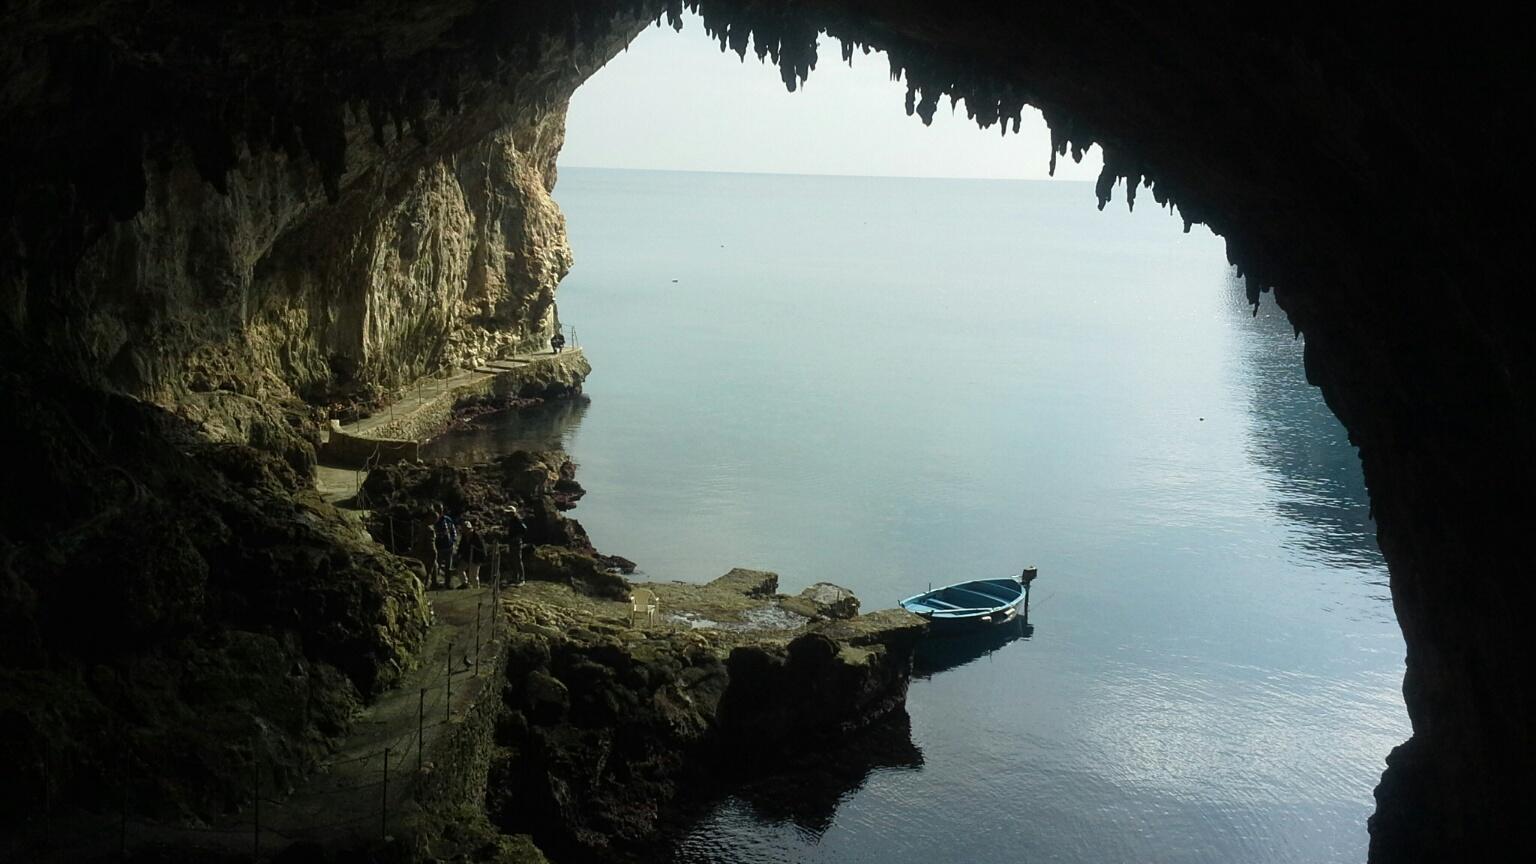 grotta zinzulusa, castro, salento, foto di cristina favento©